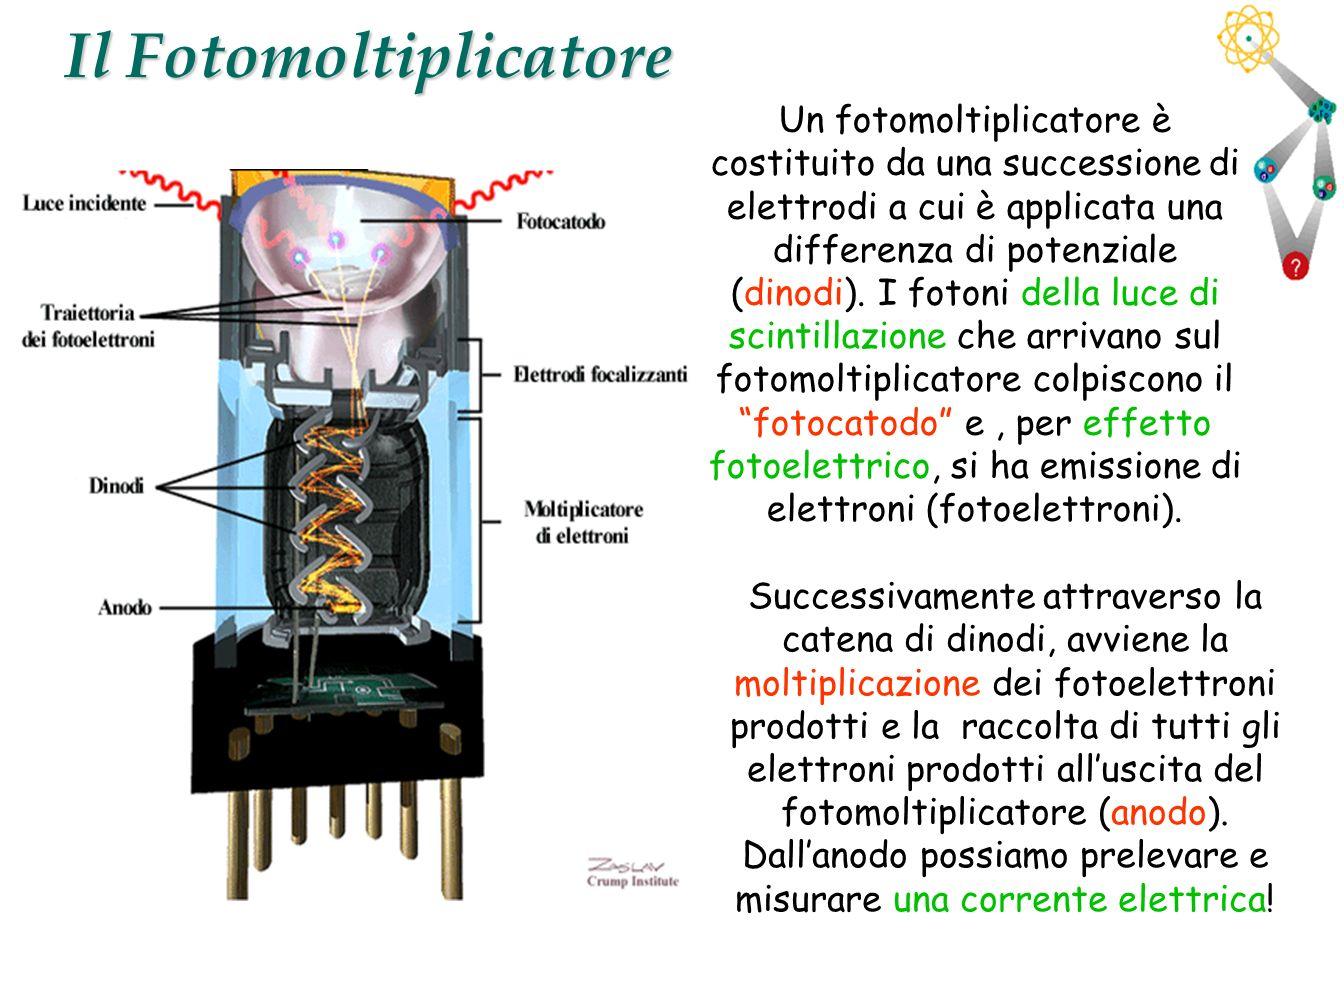 12 Il Fotomoltiplicatore Successivamente attraverso la catena di dinodi, avviene la moltiplicazione dei fotoelettroni prodotti e la raccolta di tutti